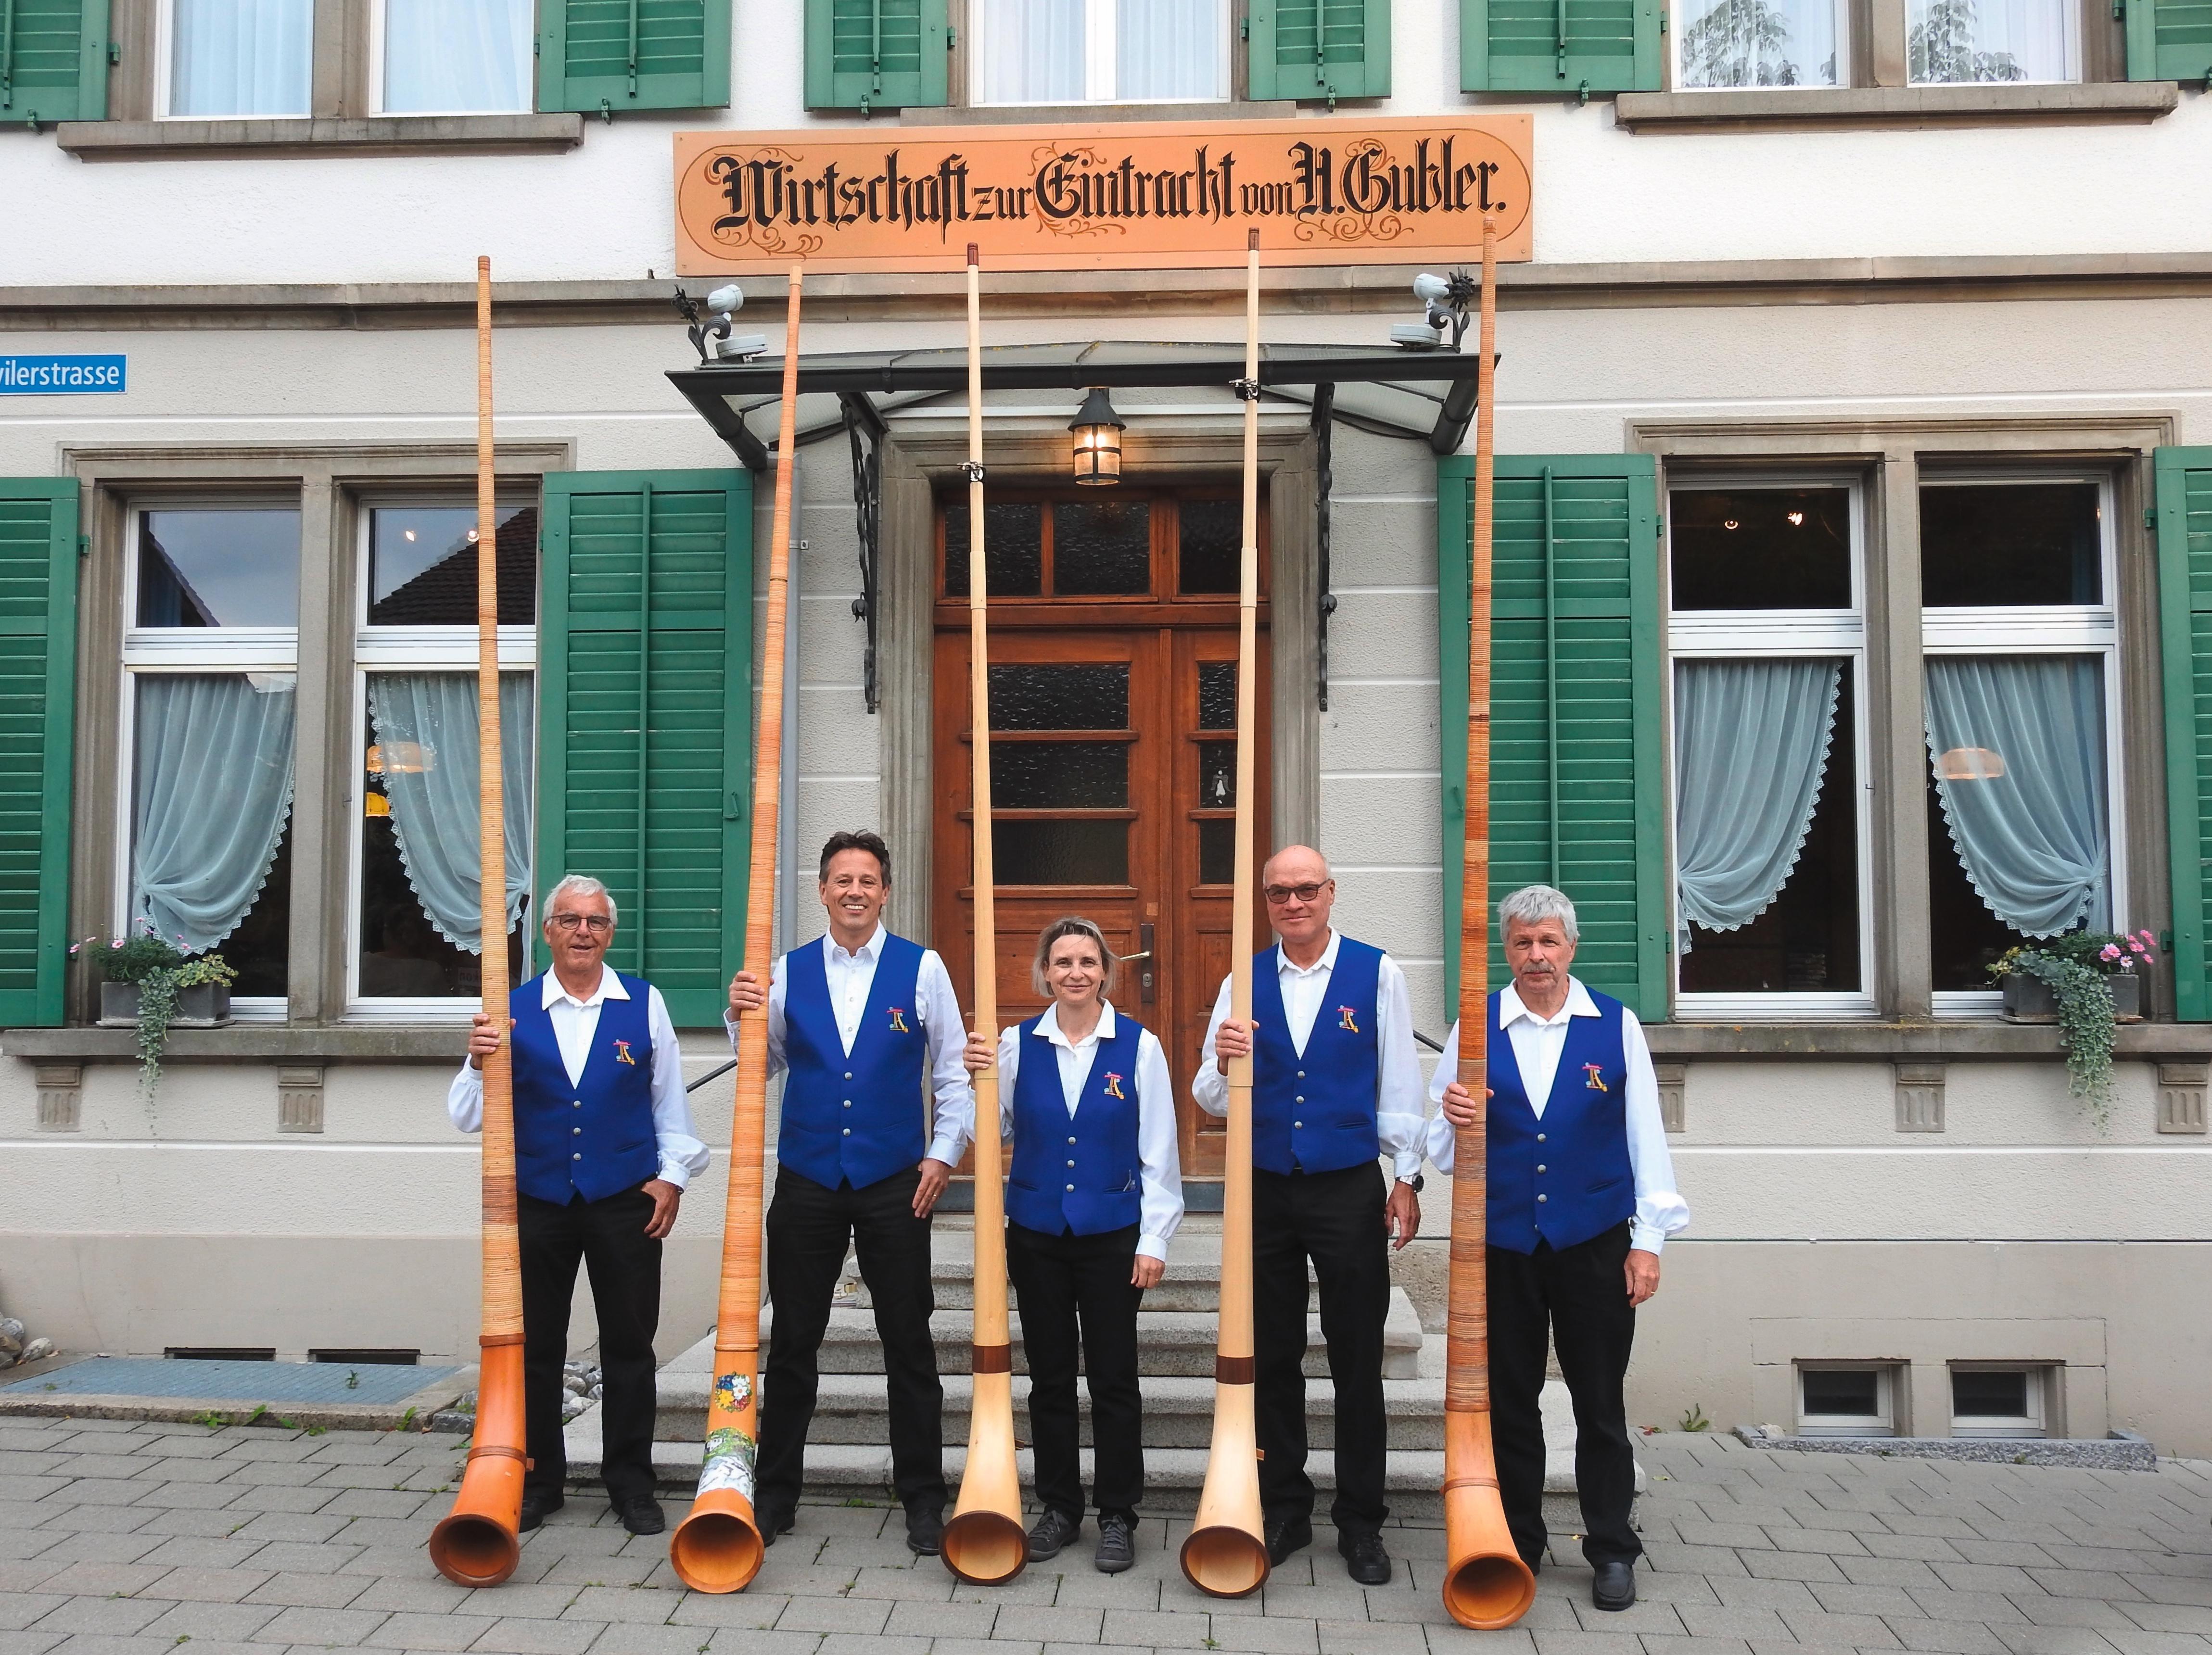 Tösstaler Alphornbläser vor der Wirtschaft zur Eintracht, Hermatswil